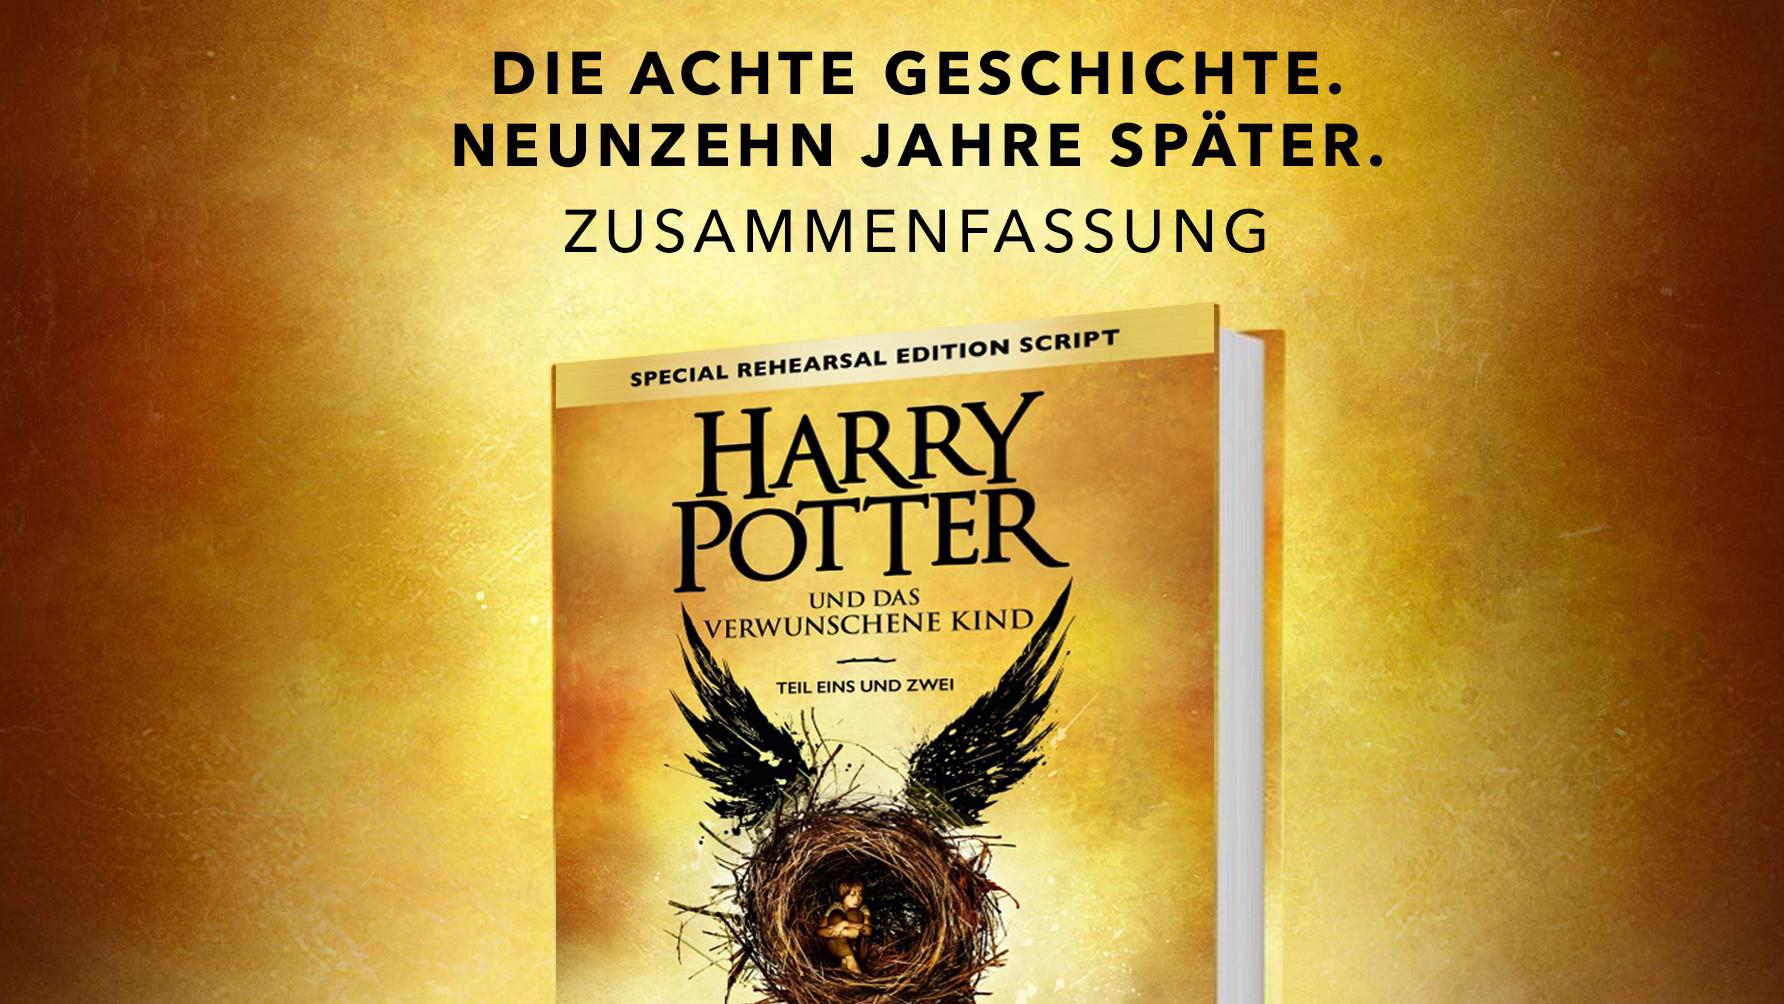 Harry Potter Und Das Verwunschene Kind Zusammenfassung Hp Fc